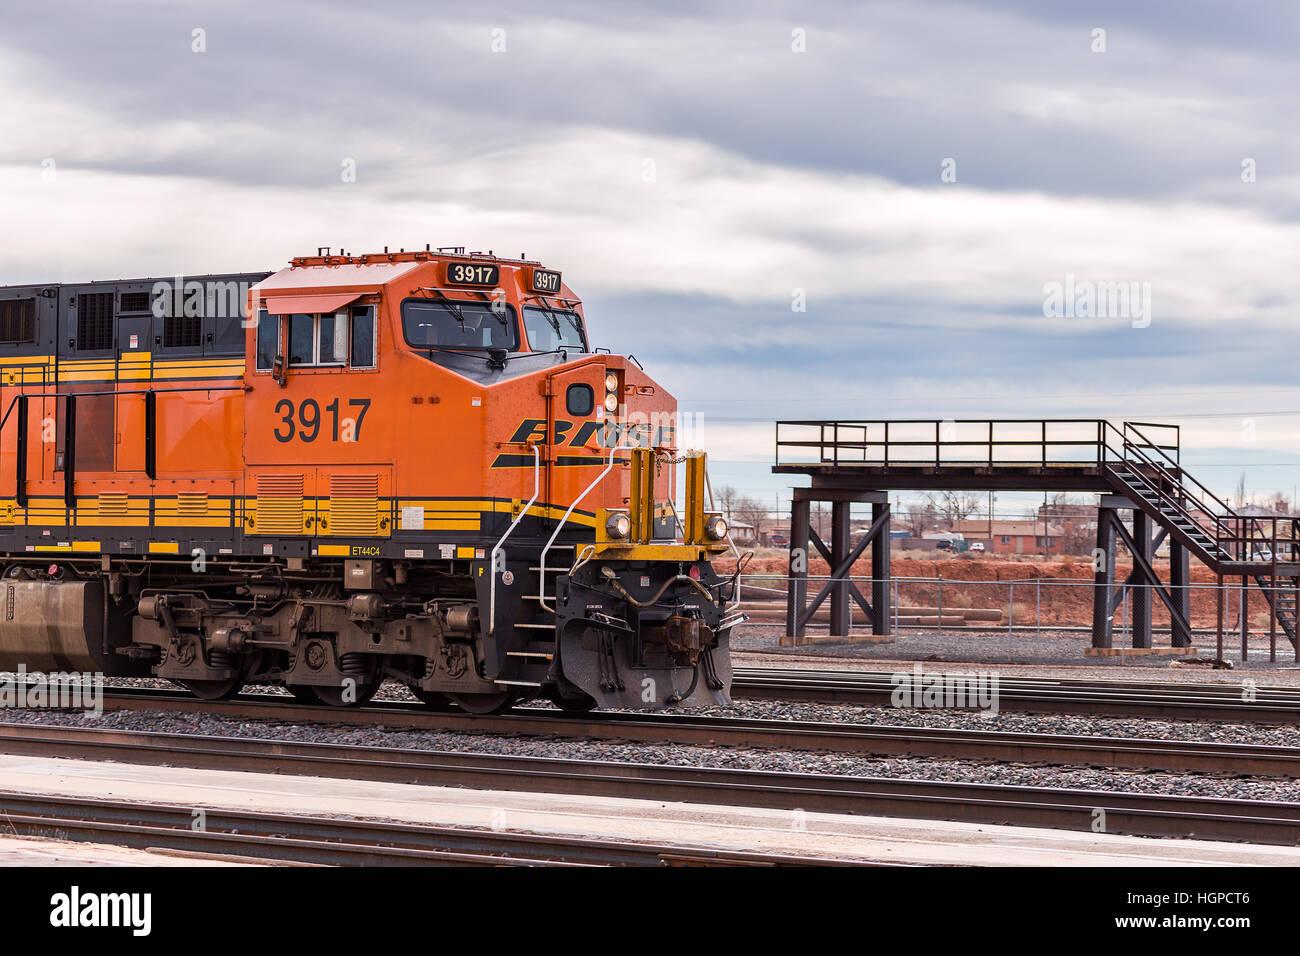 orange train engine stock photos orange train engine stock images